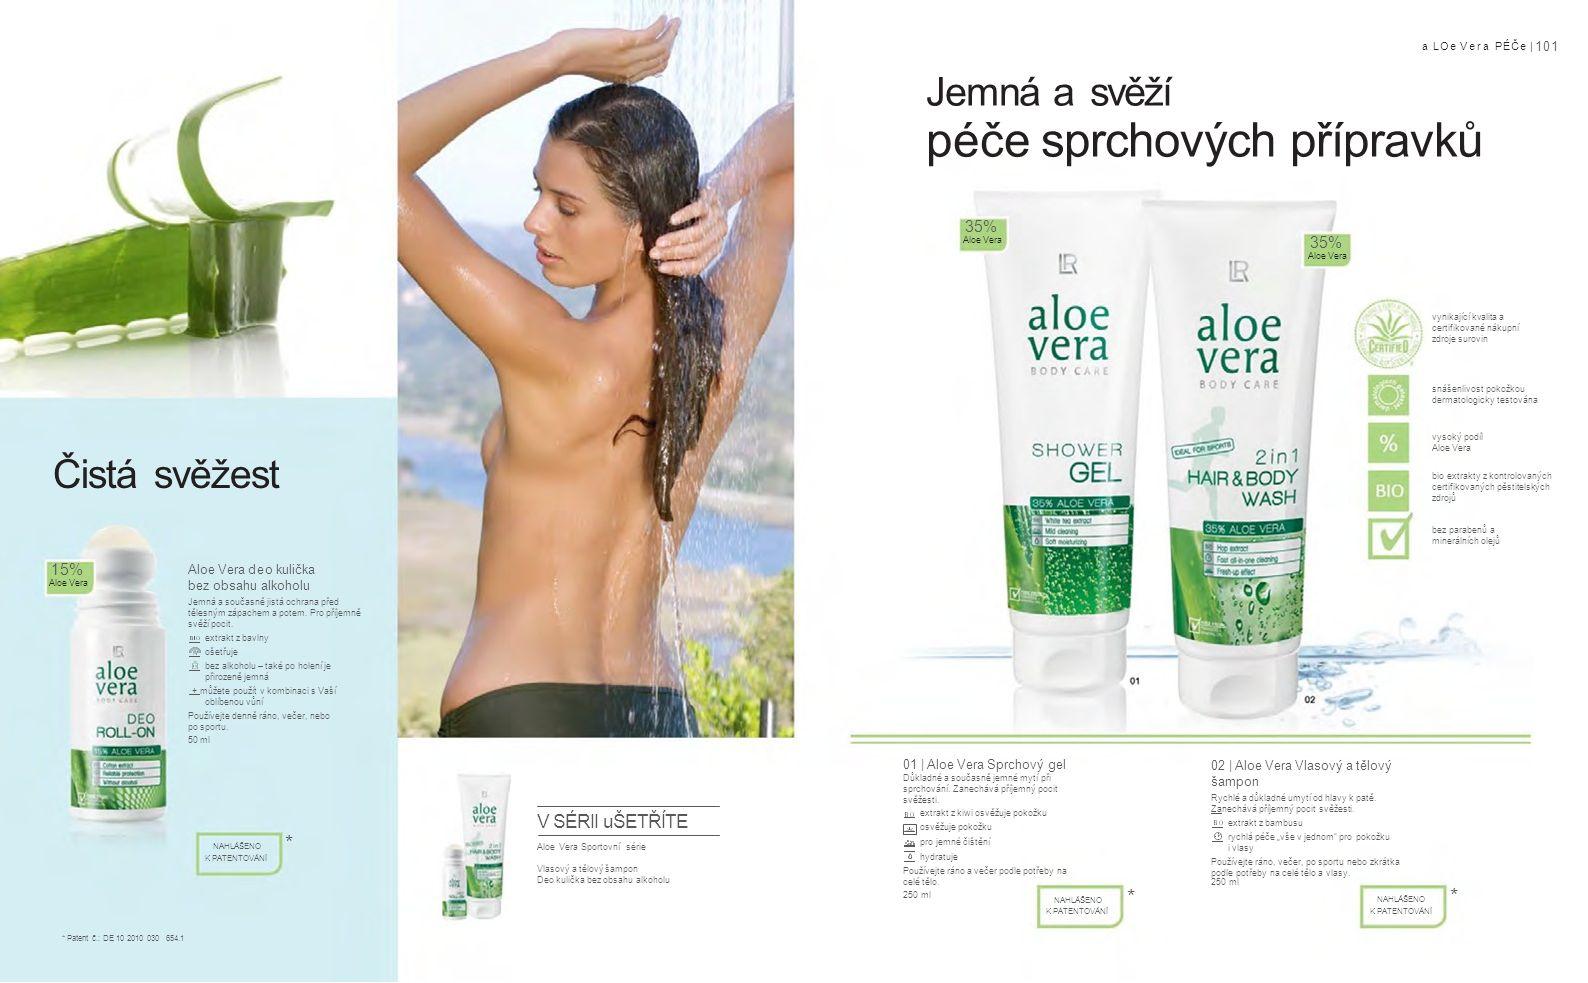 a LOe Vera PÉČe | 101 01 | Aloe Vera Sprchový gel Důkladné a současně jemné mytí při sprchování.